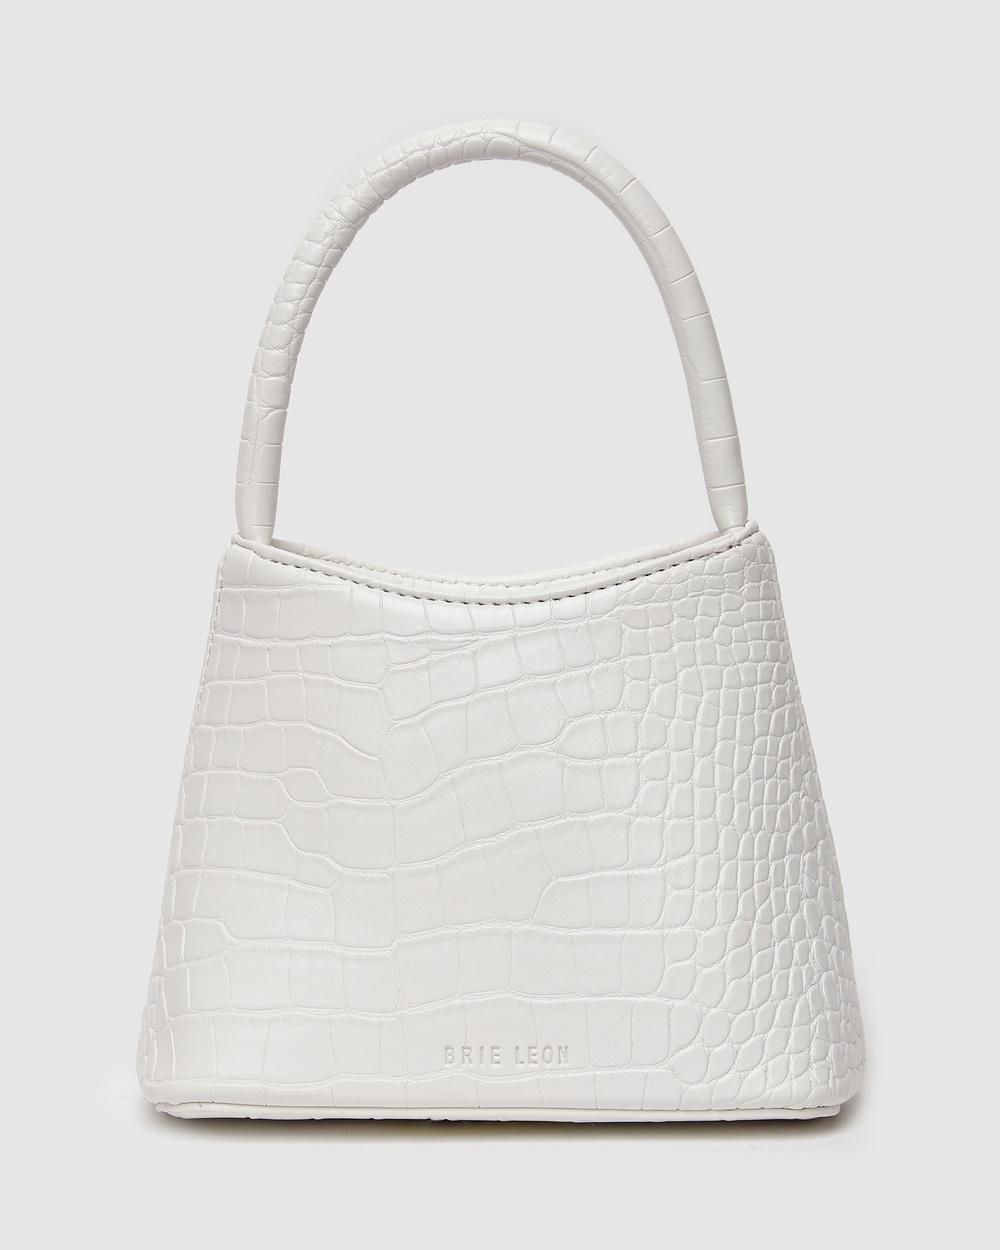 Brie Leon The Mini Chloe Bag Handbags White Australia